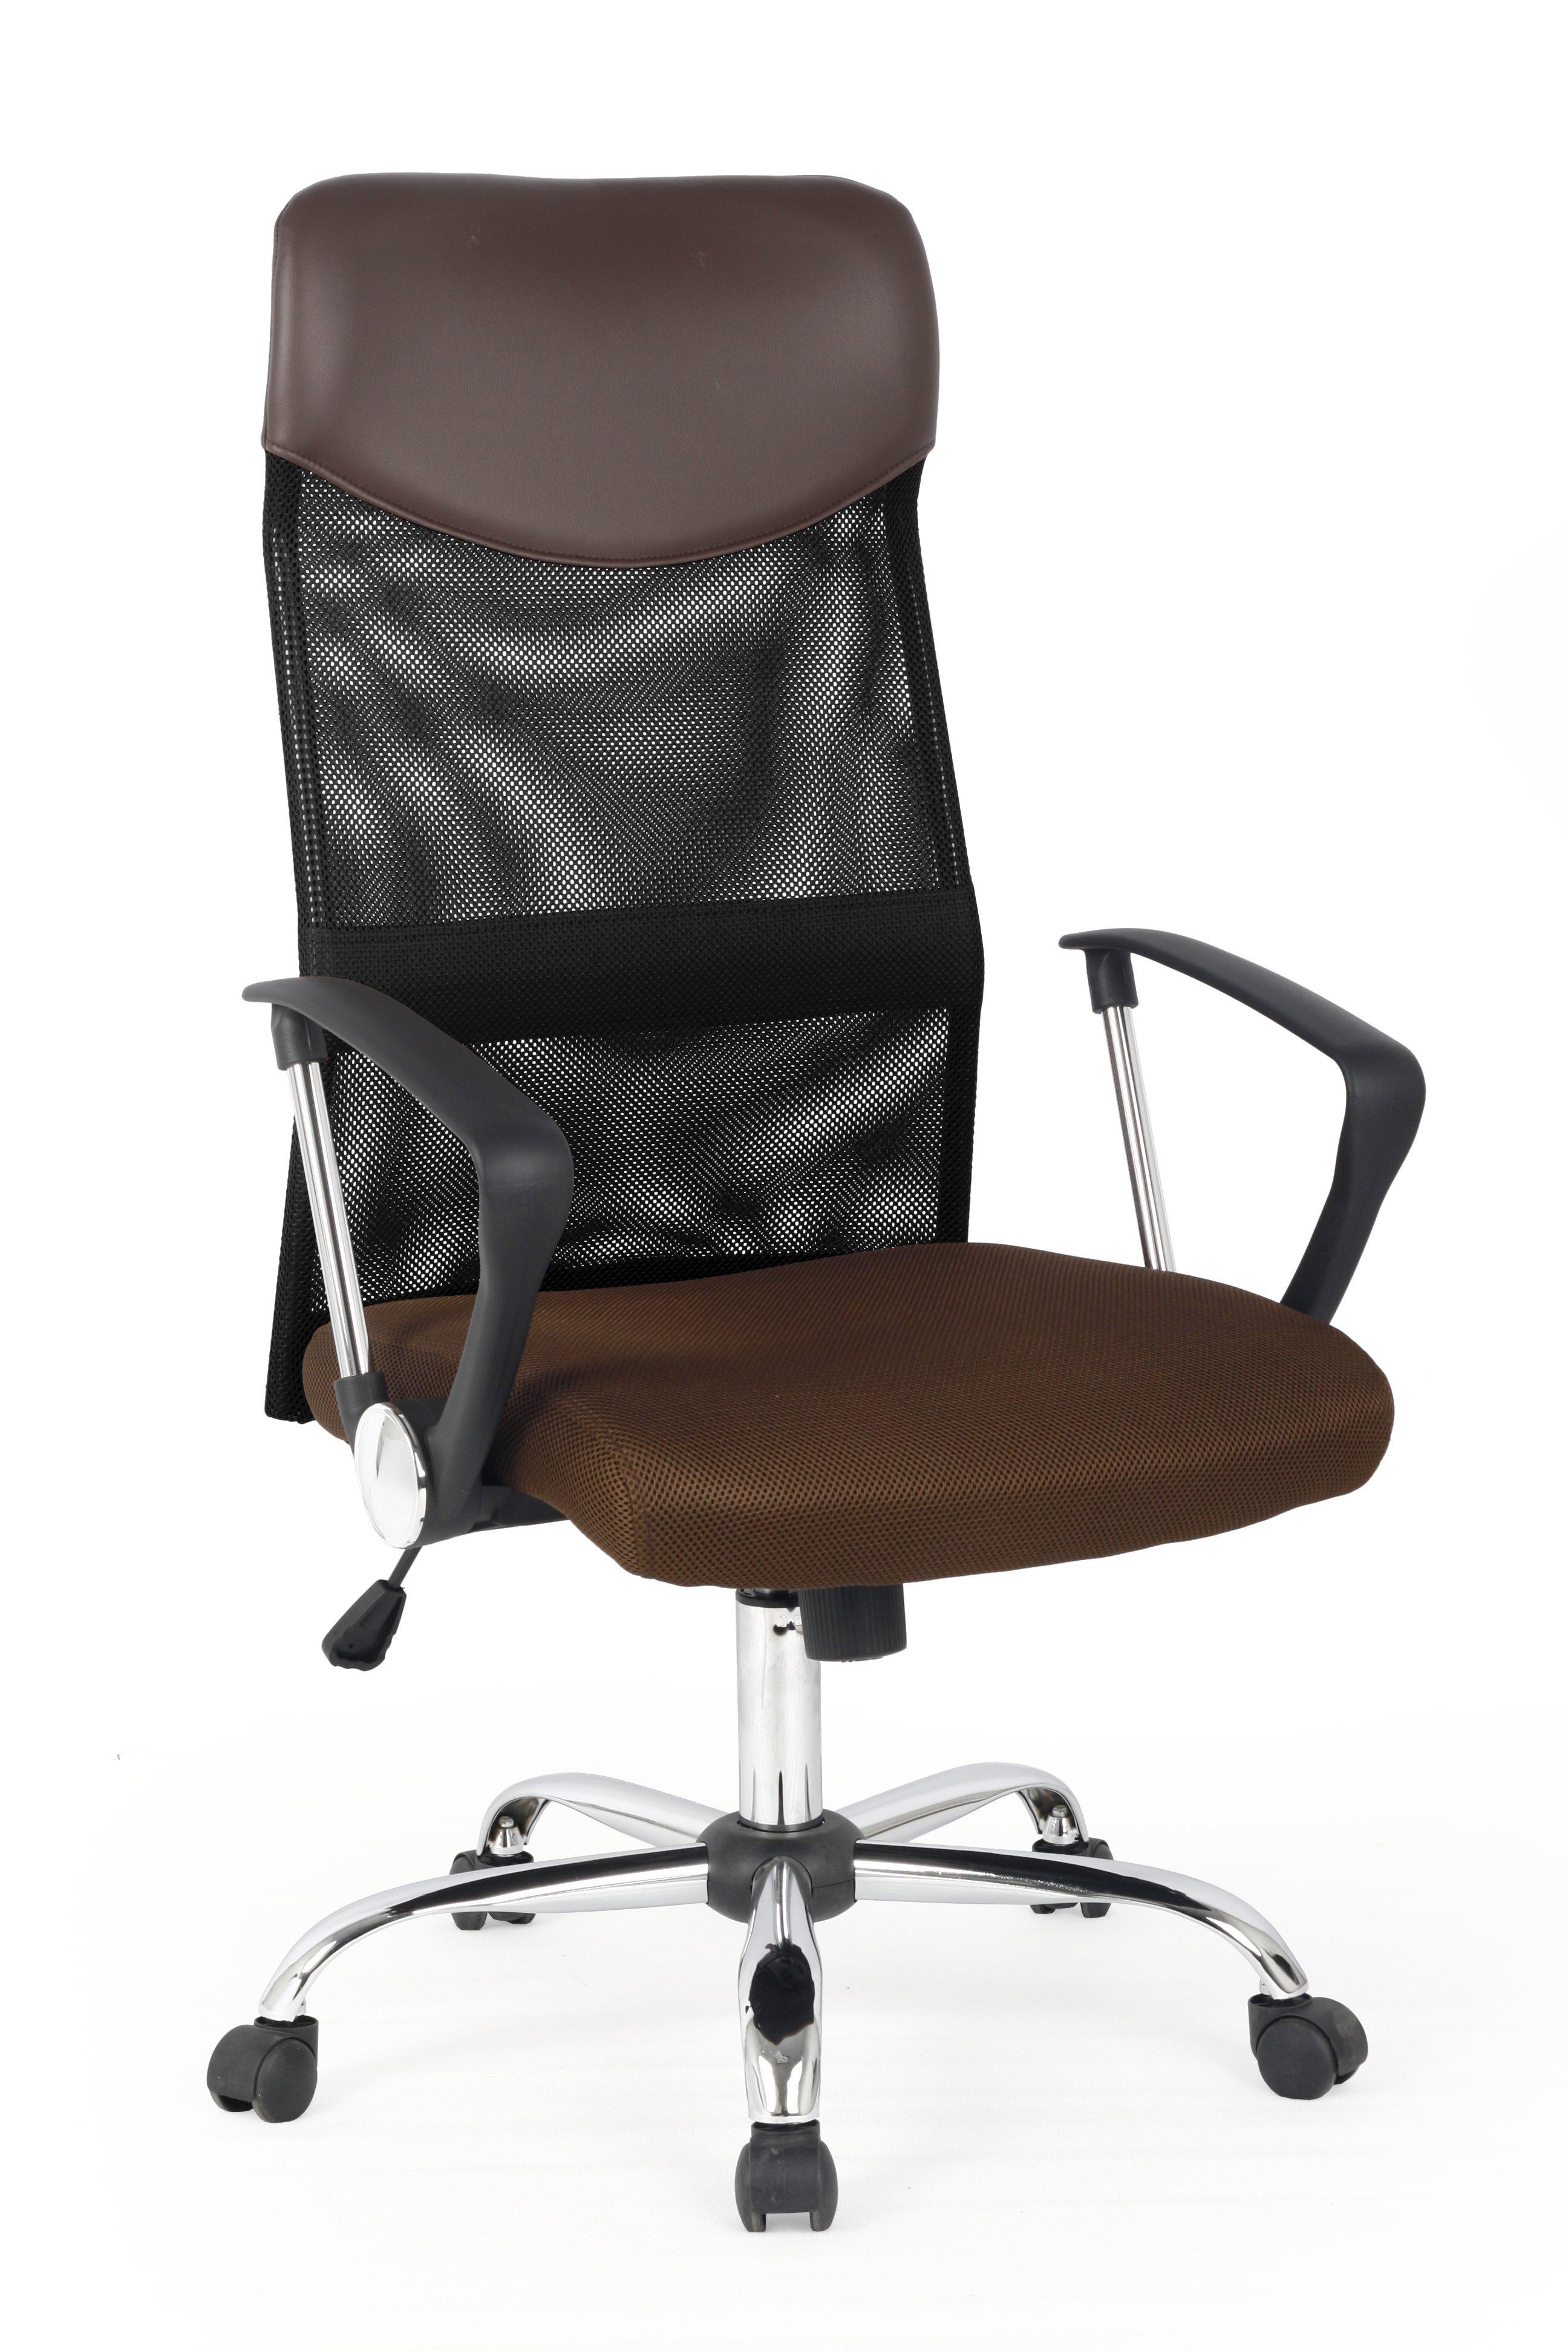 Kancelářská židle - Halmar - Vire (hnědá)